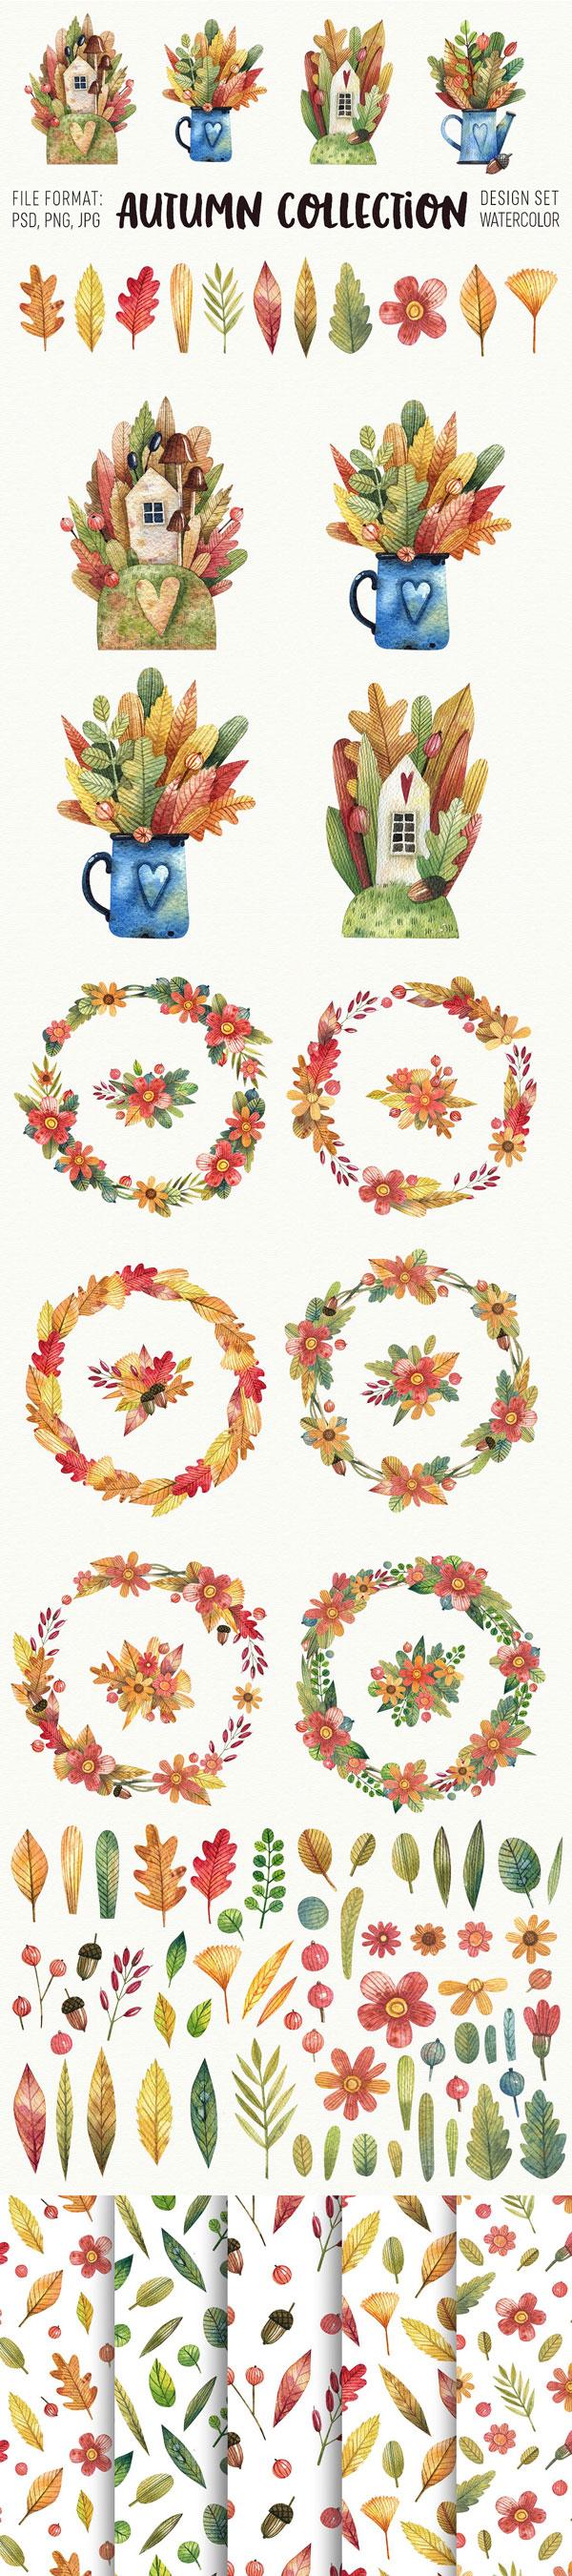 树叶主题psd分层素材,手绘水彩插图,秋天的树叶,房子,鲜花,花环,落叶